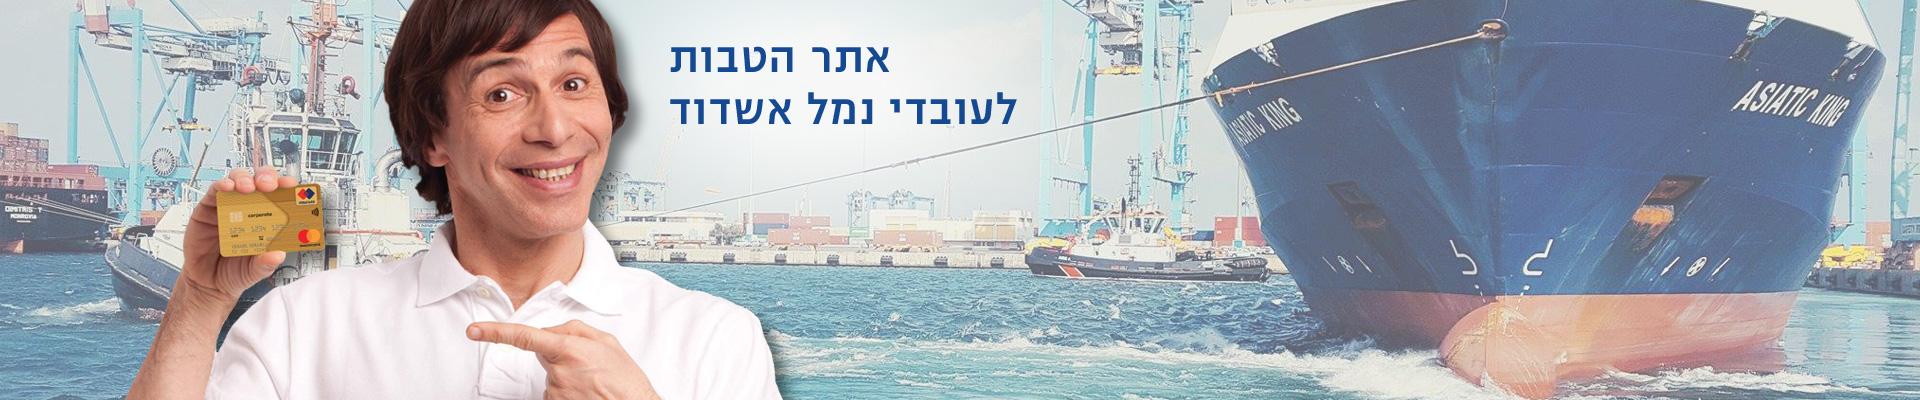 ברוכים הבאים עובדי נמל אשדוד